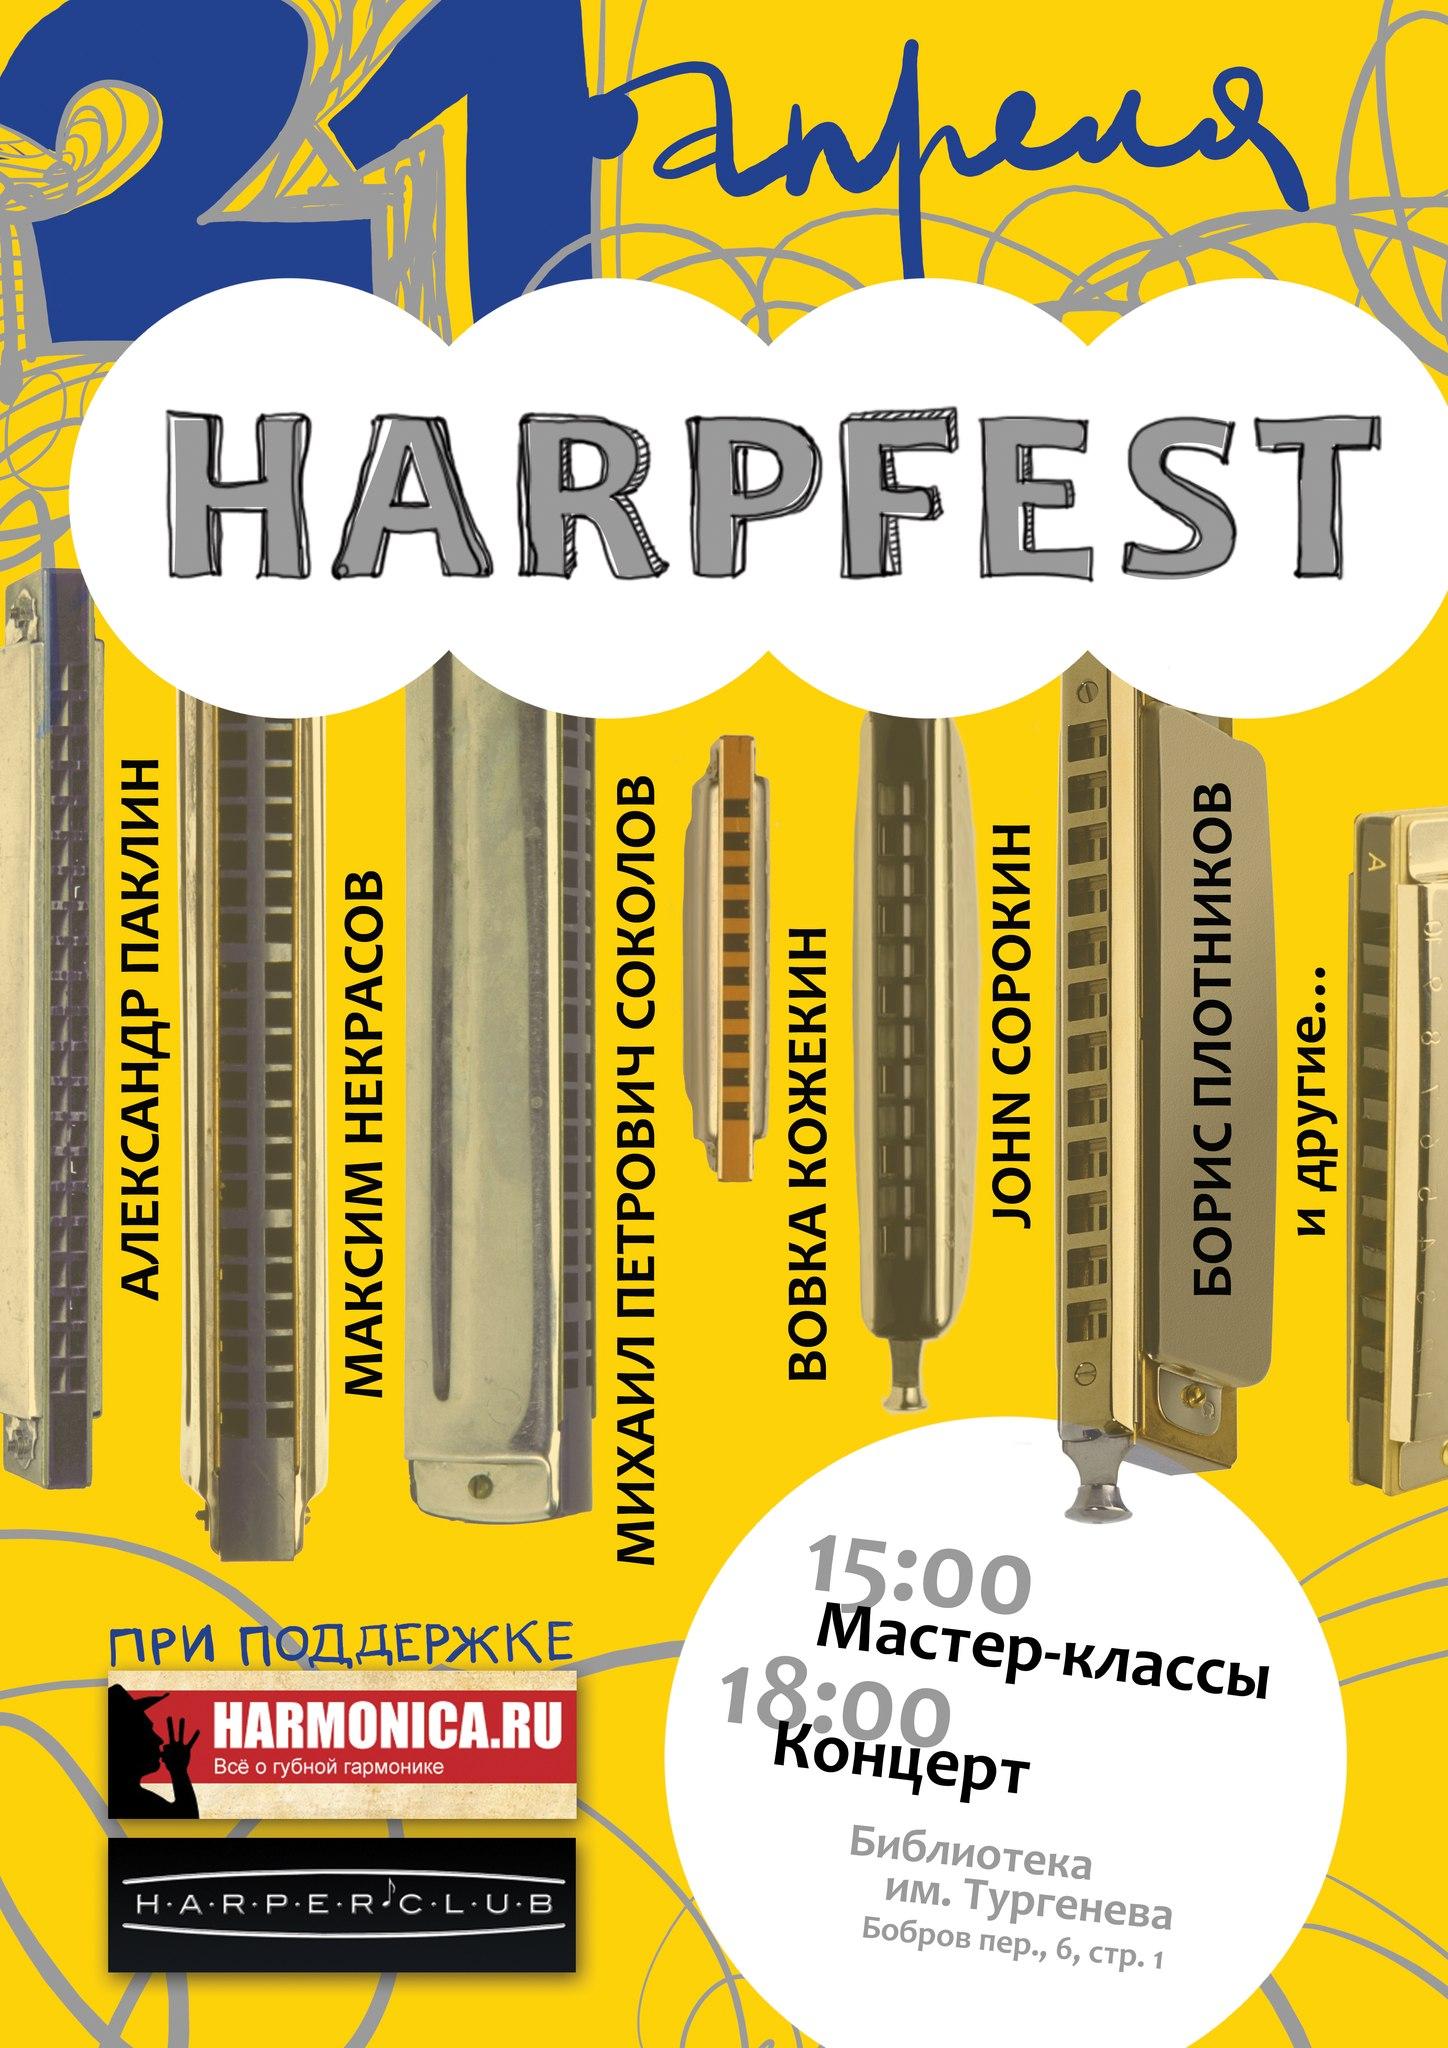 Московкий харпфест 2013